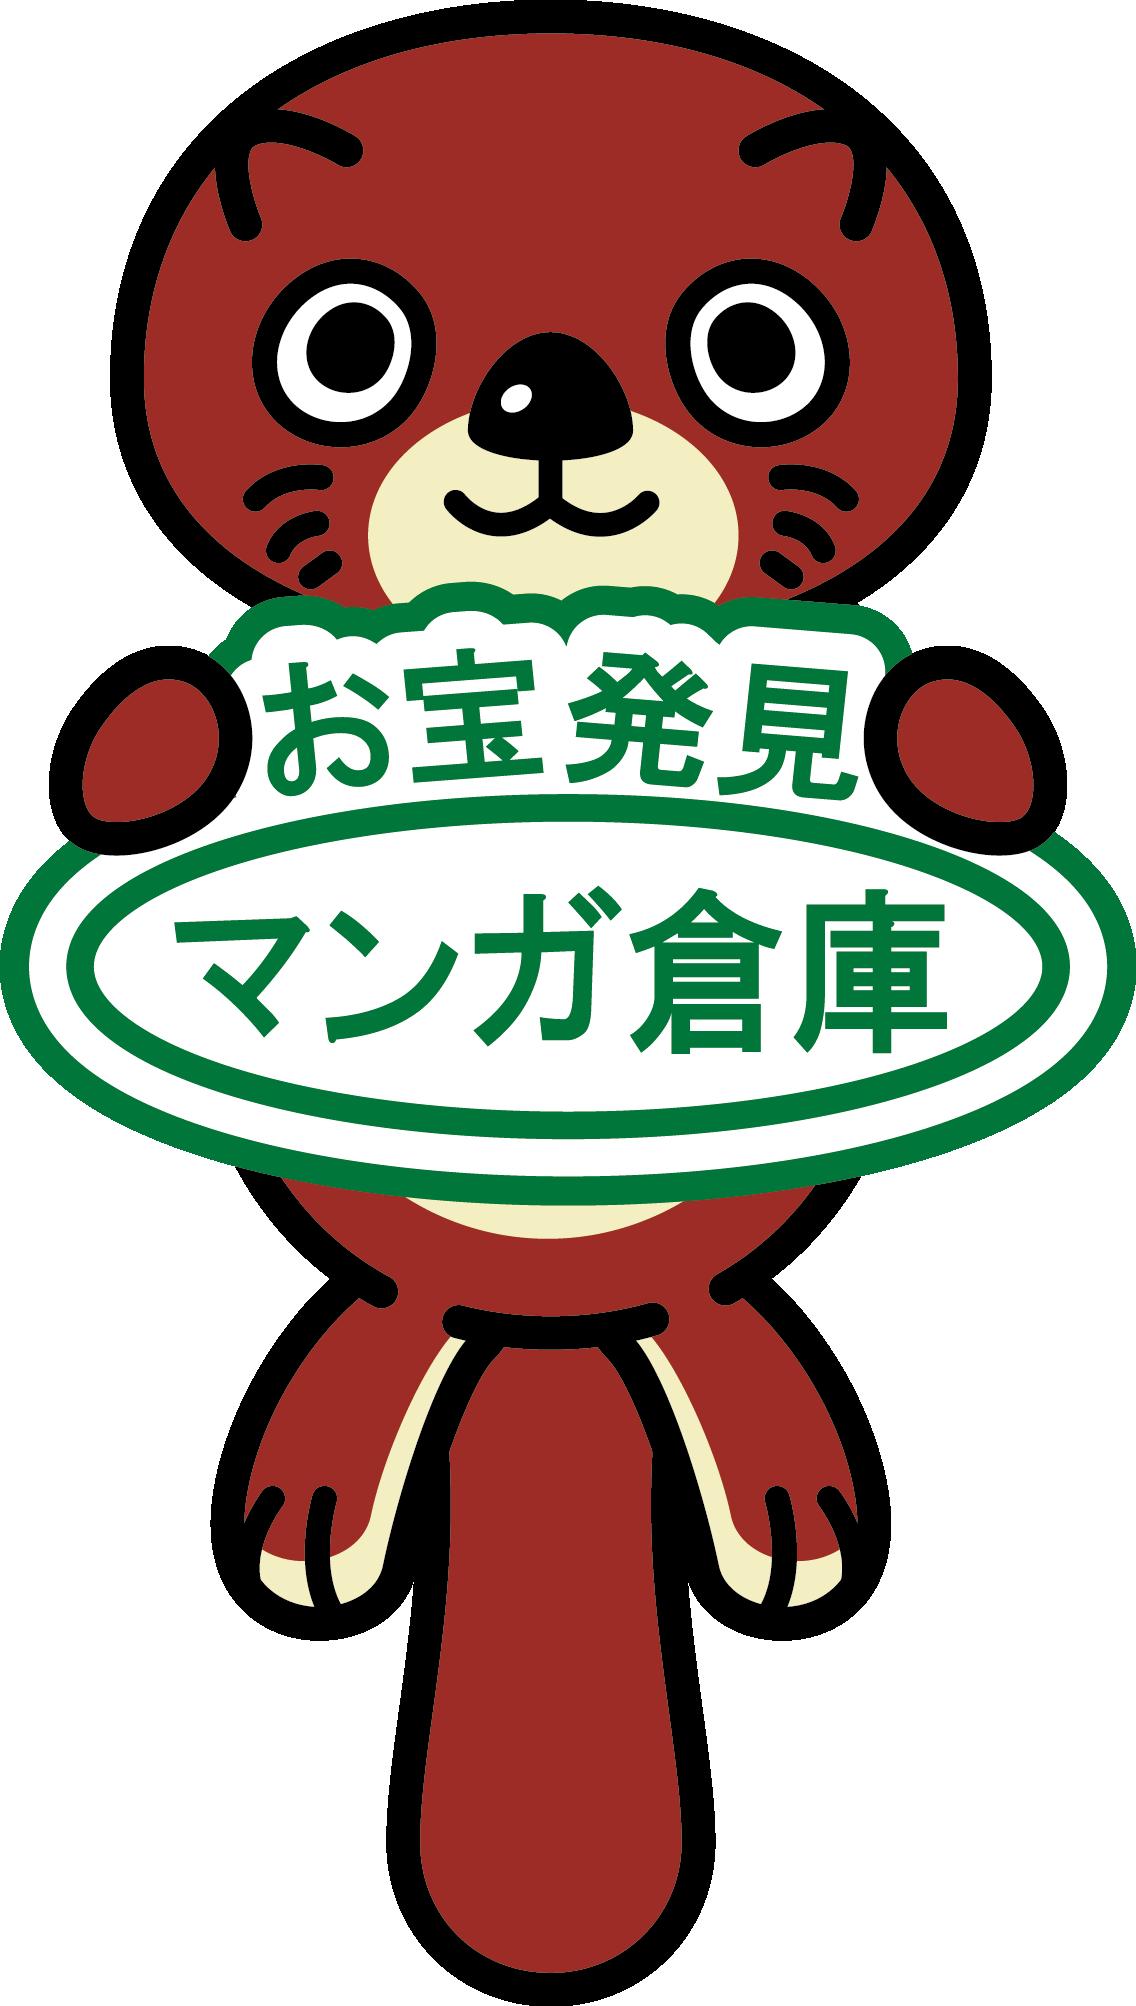 マンガ倉庫 富山店ロゴ画像